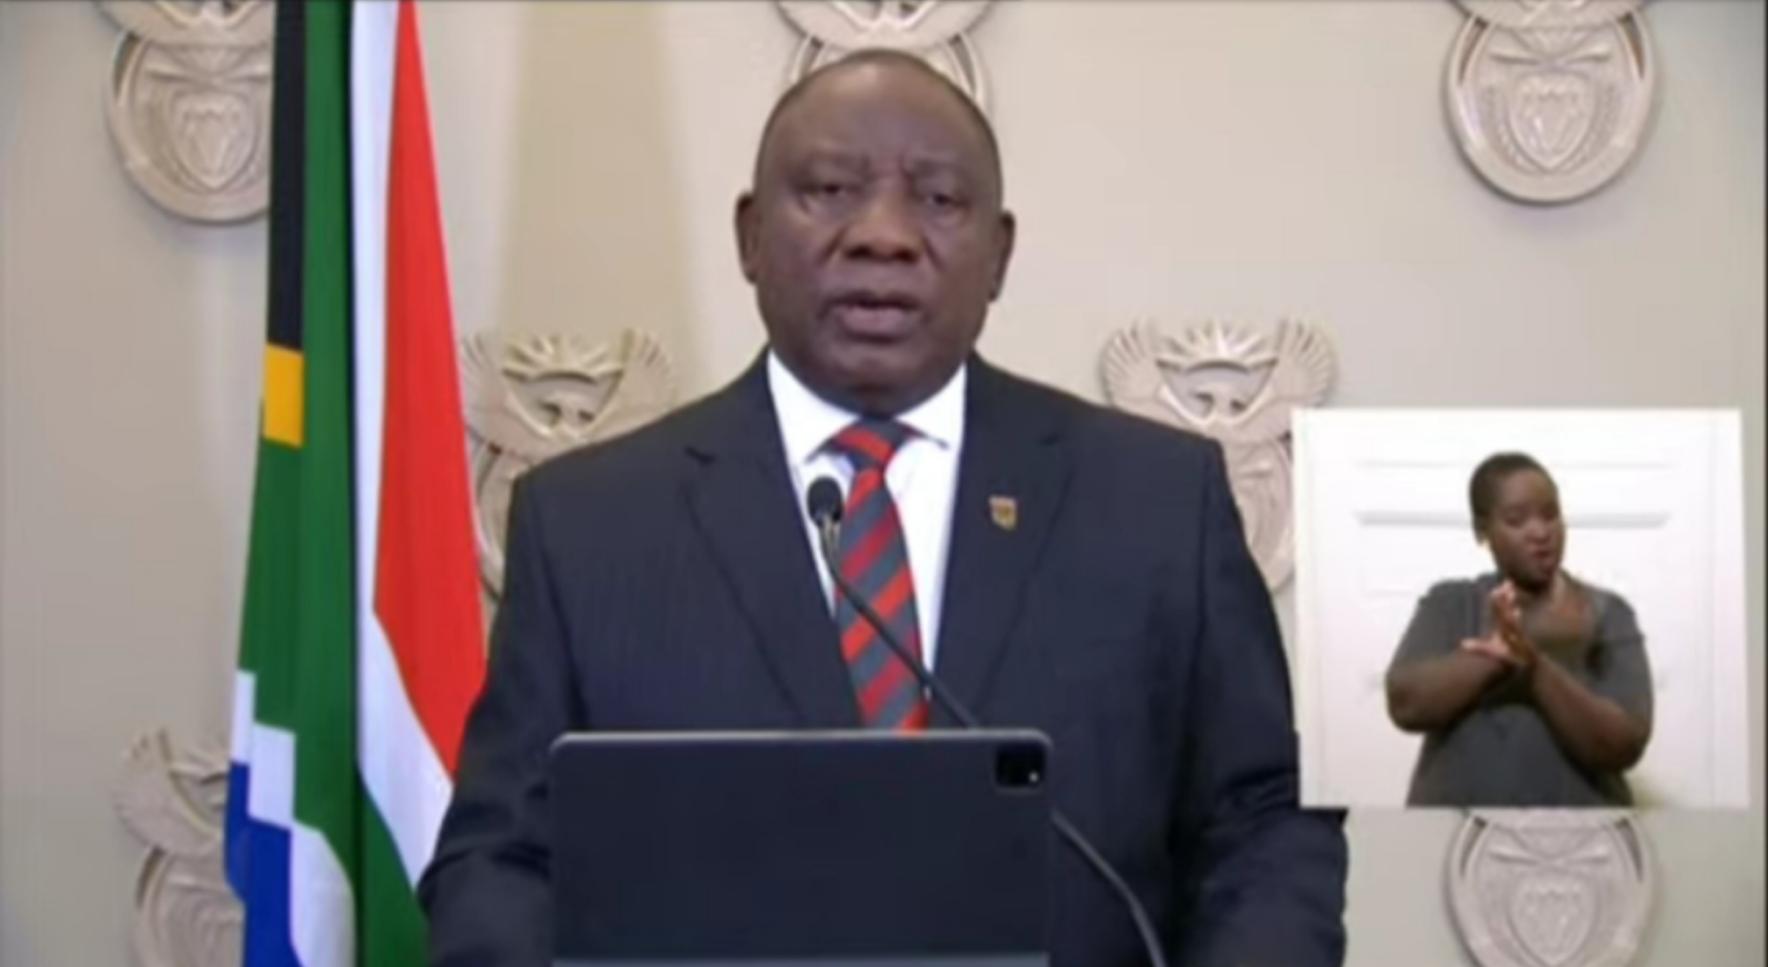 南非全国将进入二级防控 以应对第三波新冠疫情